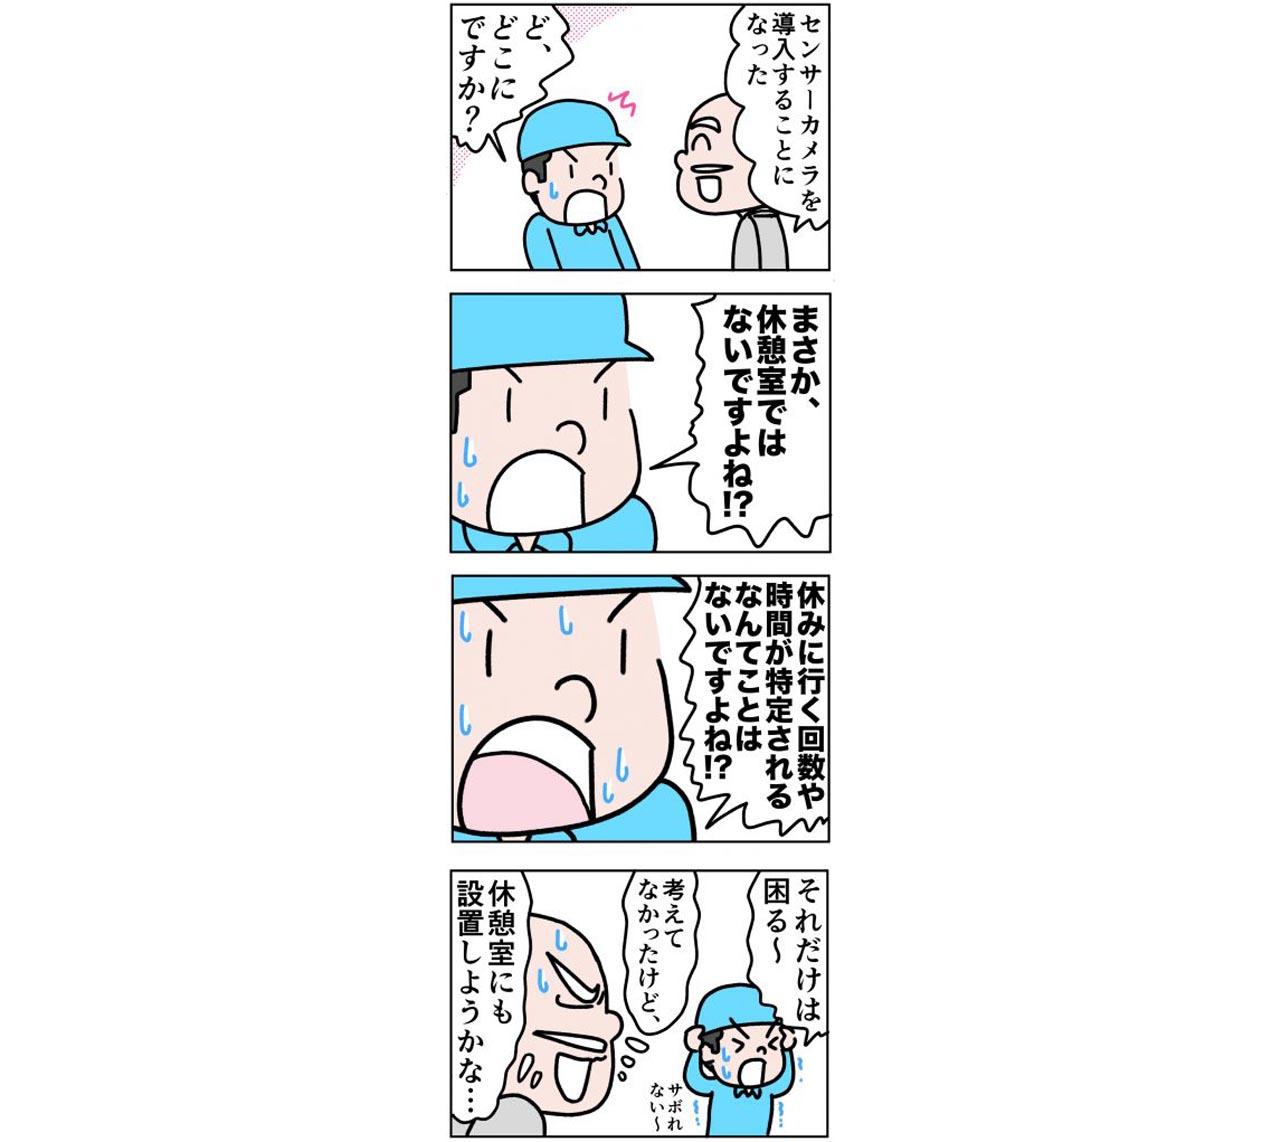 日本の製造業が本来持っている強み【11】-eye